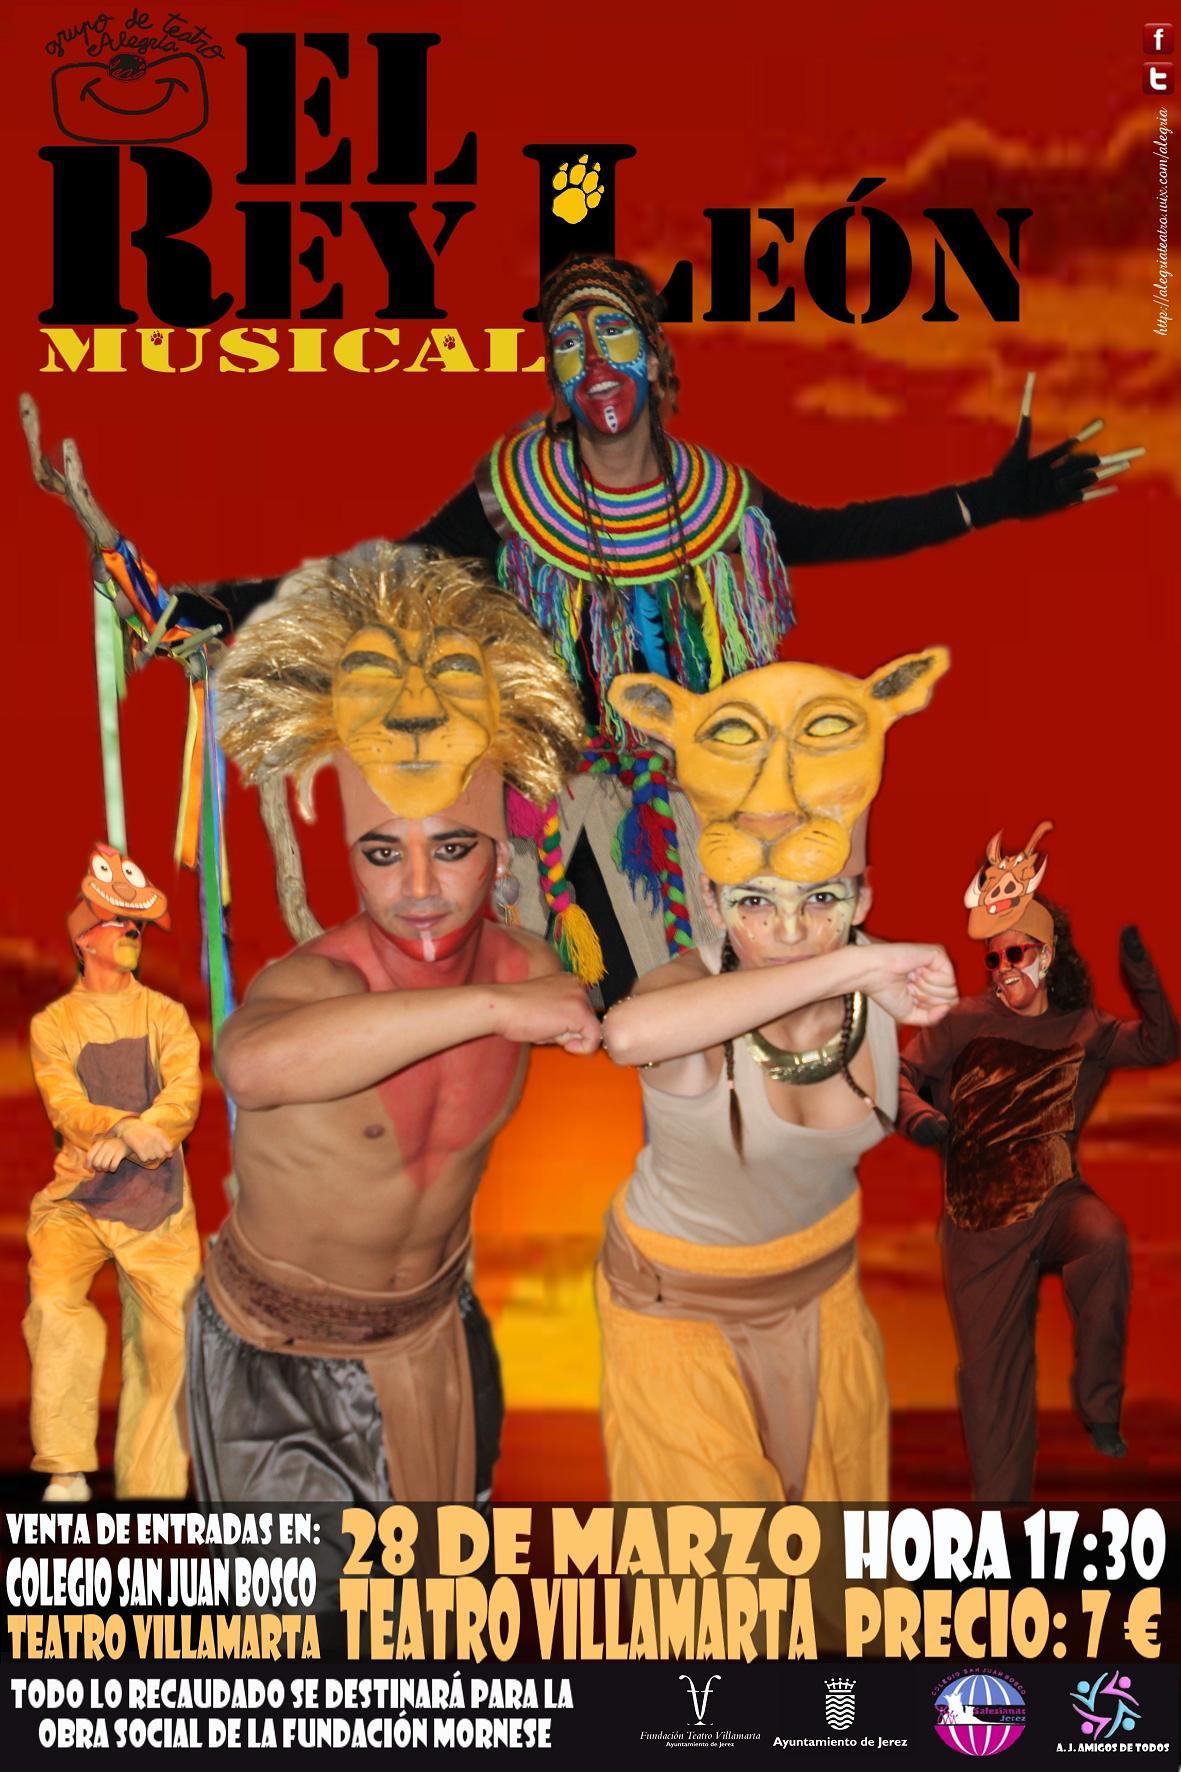 Las entradas para asistir al musical El Rey León en Villamarta el próximo 28 de marzo ya están a la venta